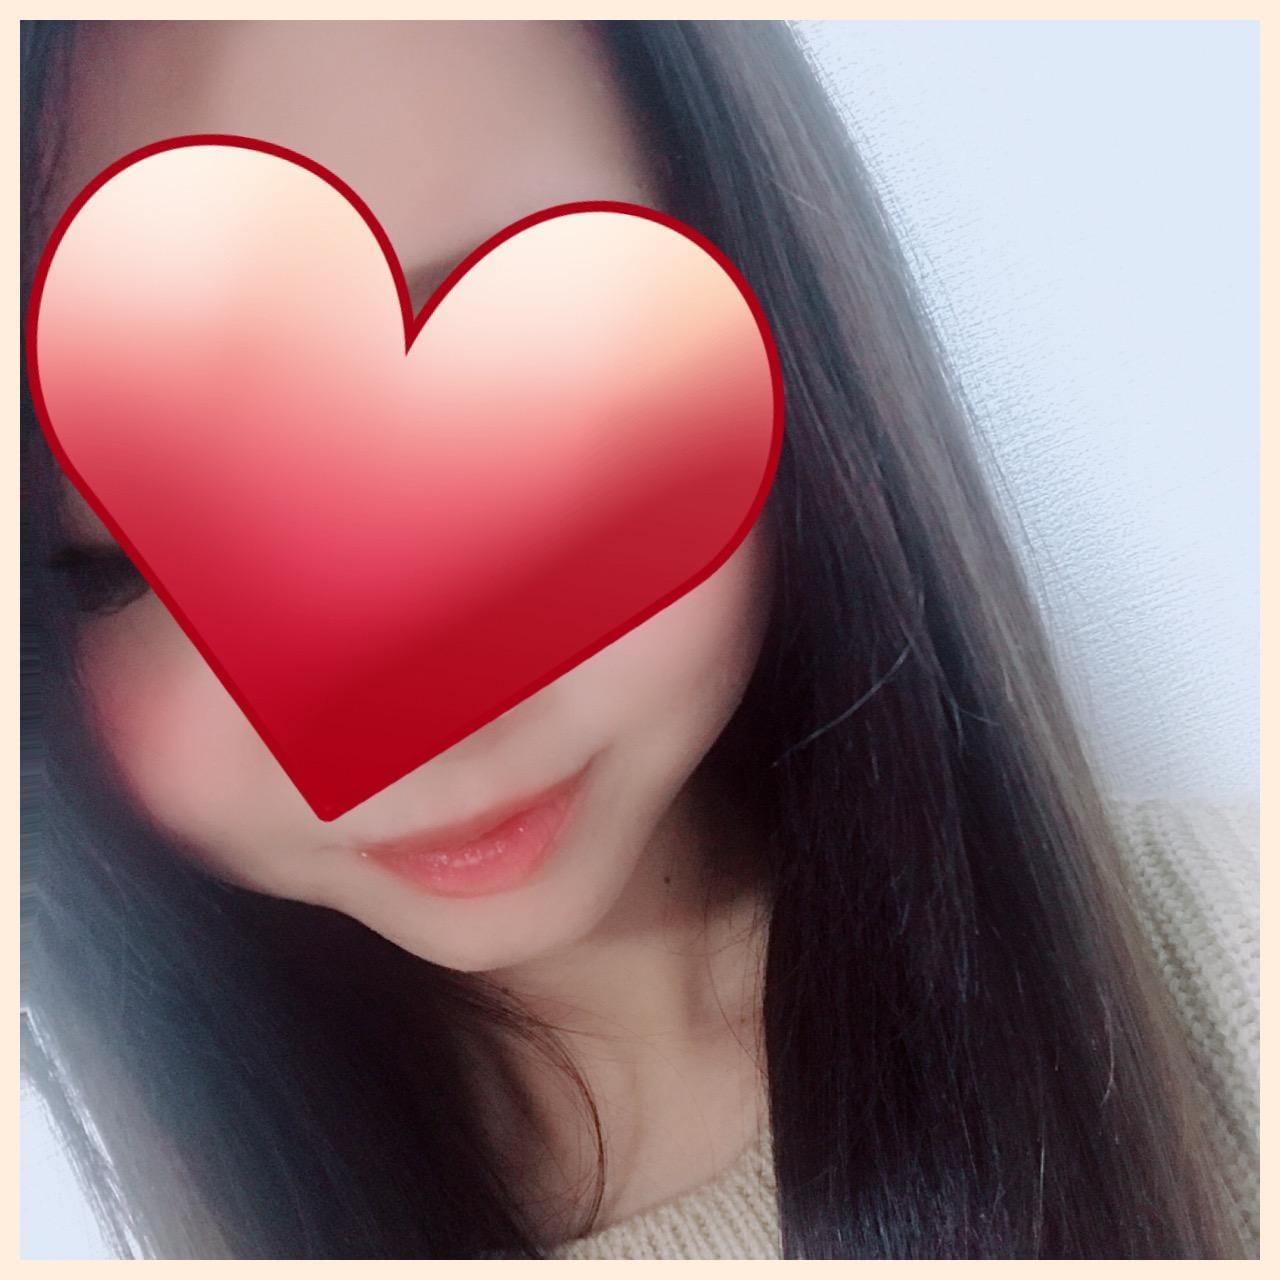 「こんばんは」12/13(木) 23:01 | じゅんたんの写メ・風俗動画